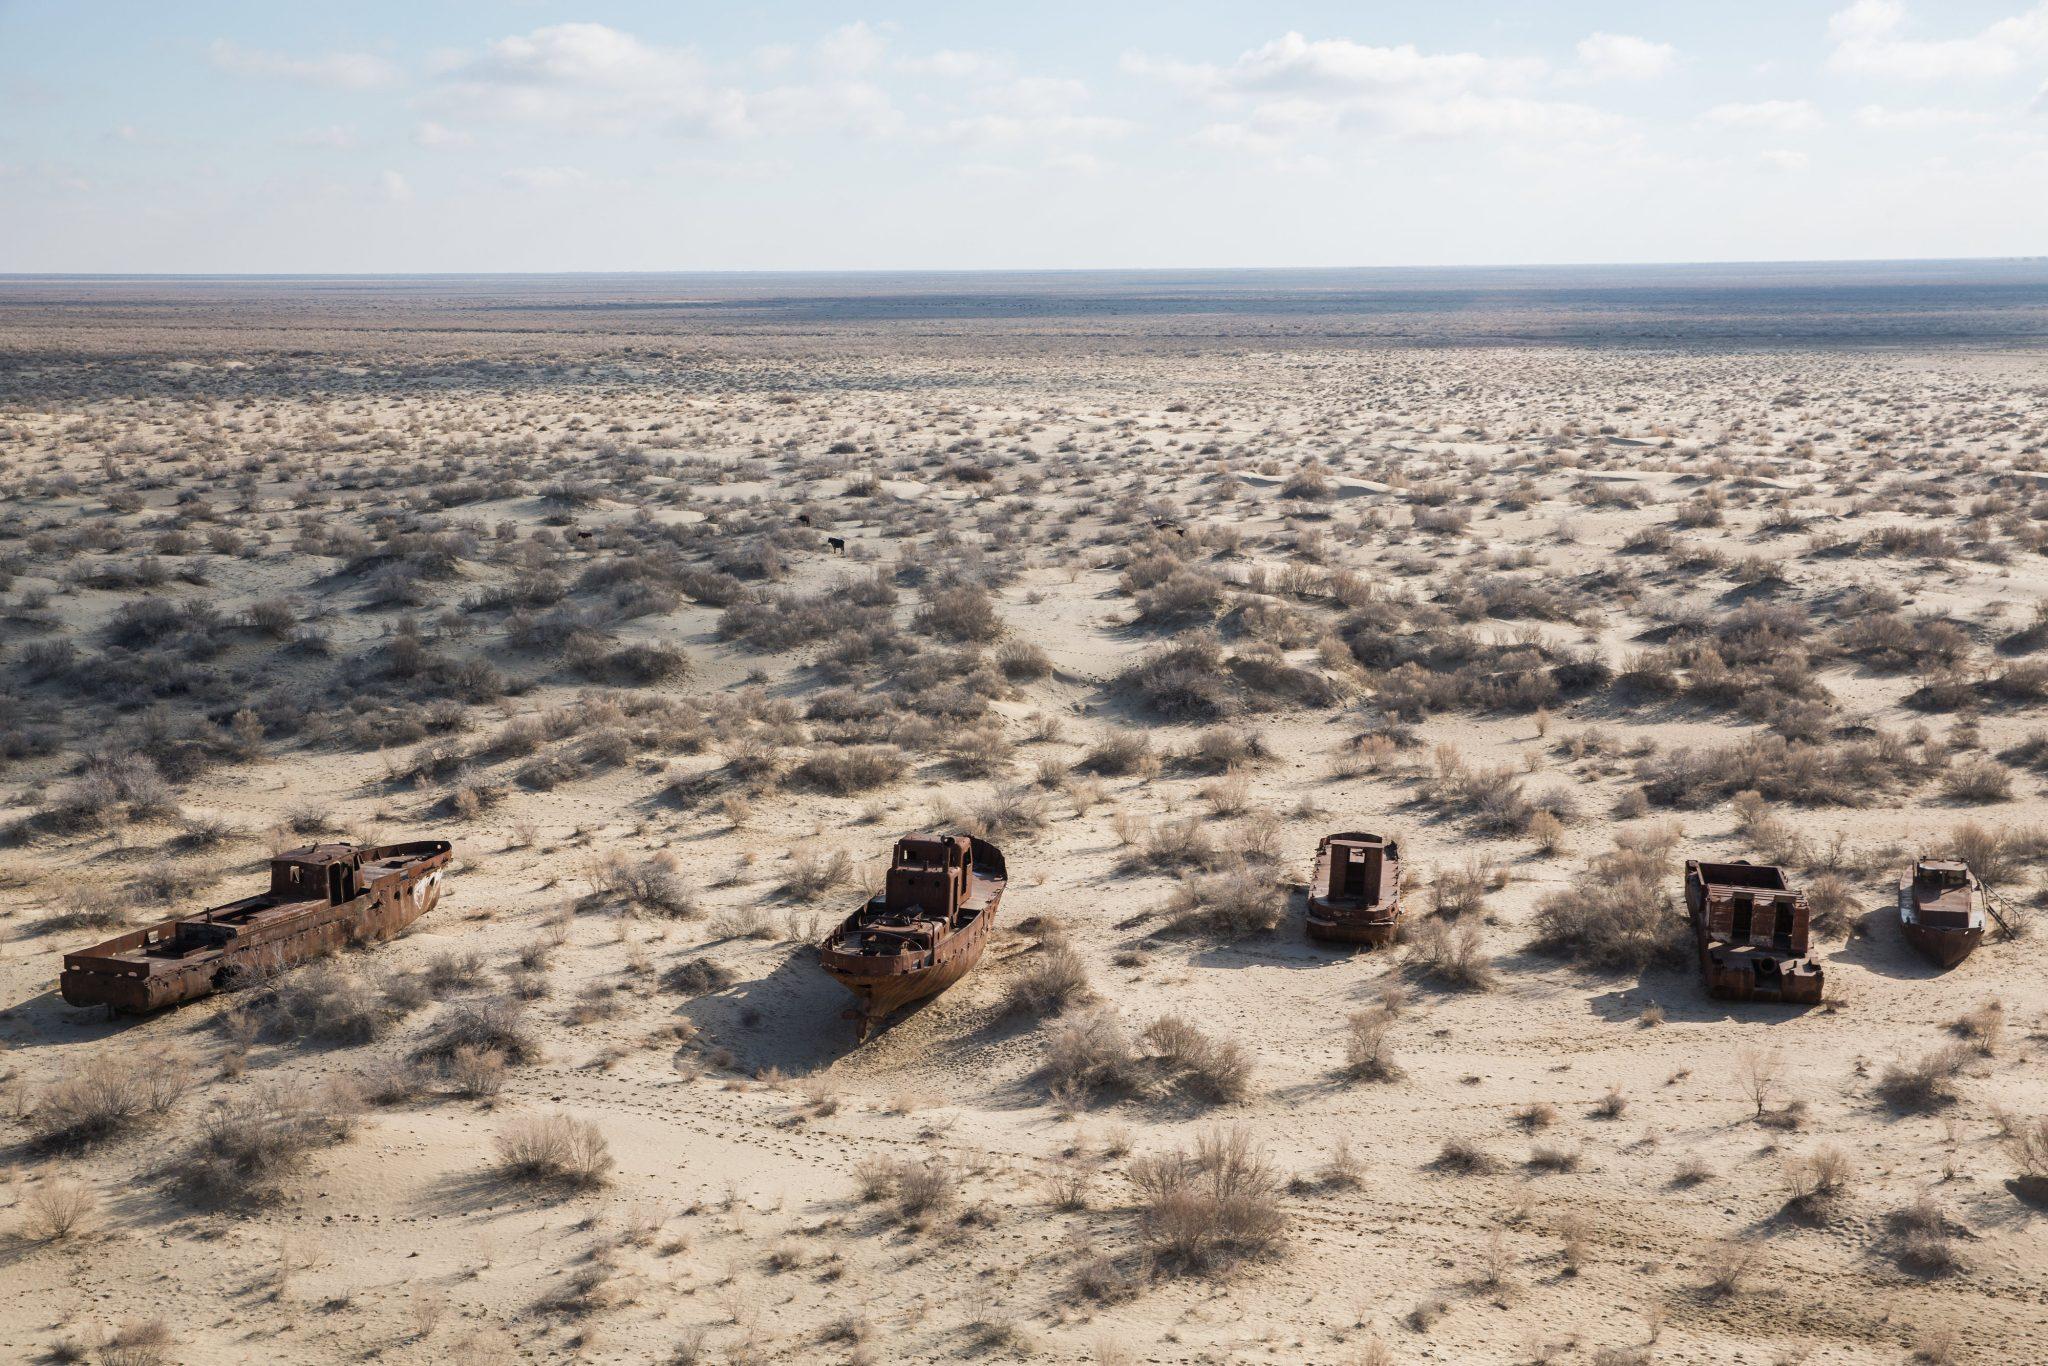 تصویری از دریاچهی آرال که به خاطر تغییر مسیر رودخانهها به سمت کویر برای کشت پنبه در منطقه به نابودی کشیده شده است، Taylor Weidman